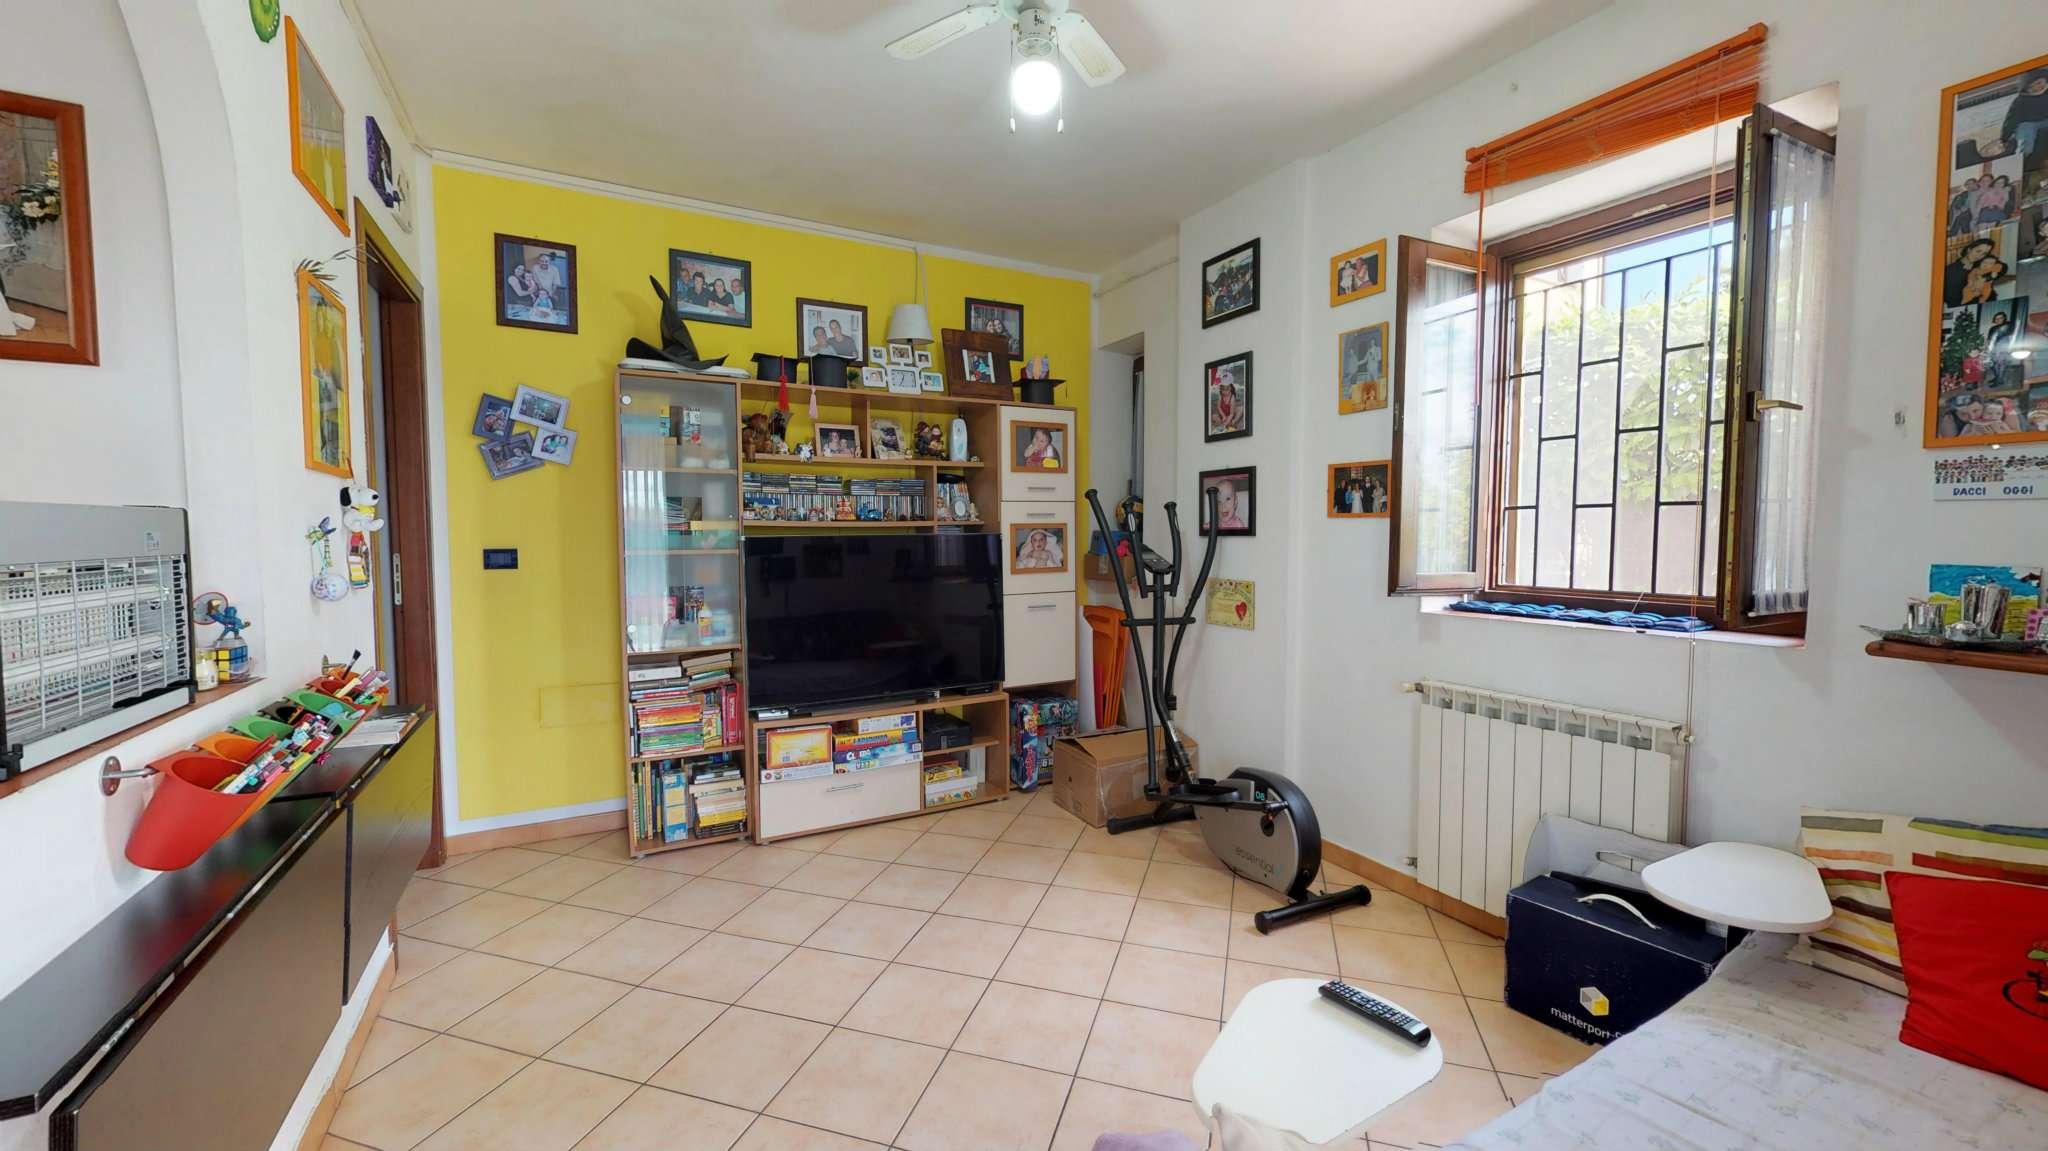 MD1639 Medicina ad.ze appartamento piano terra con giardino privato